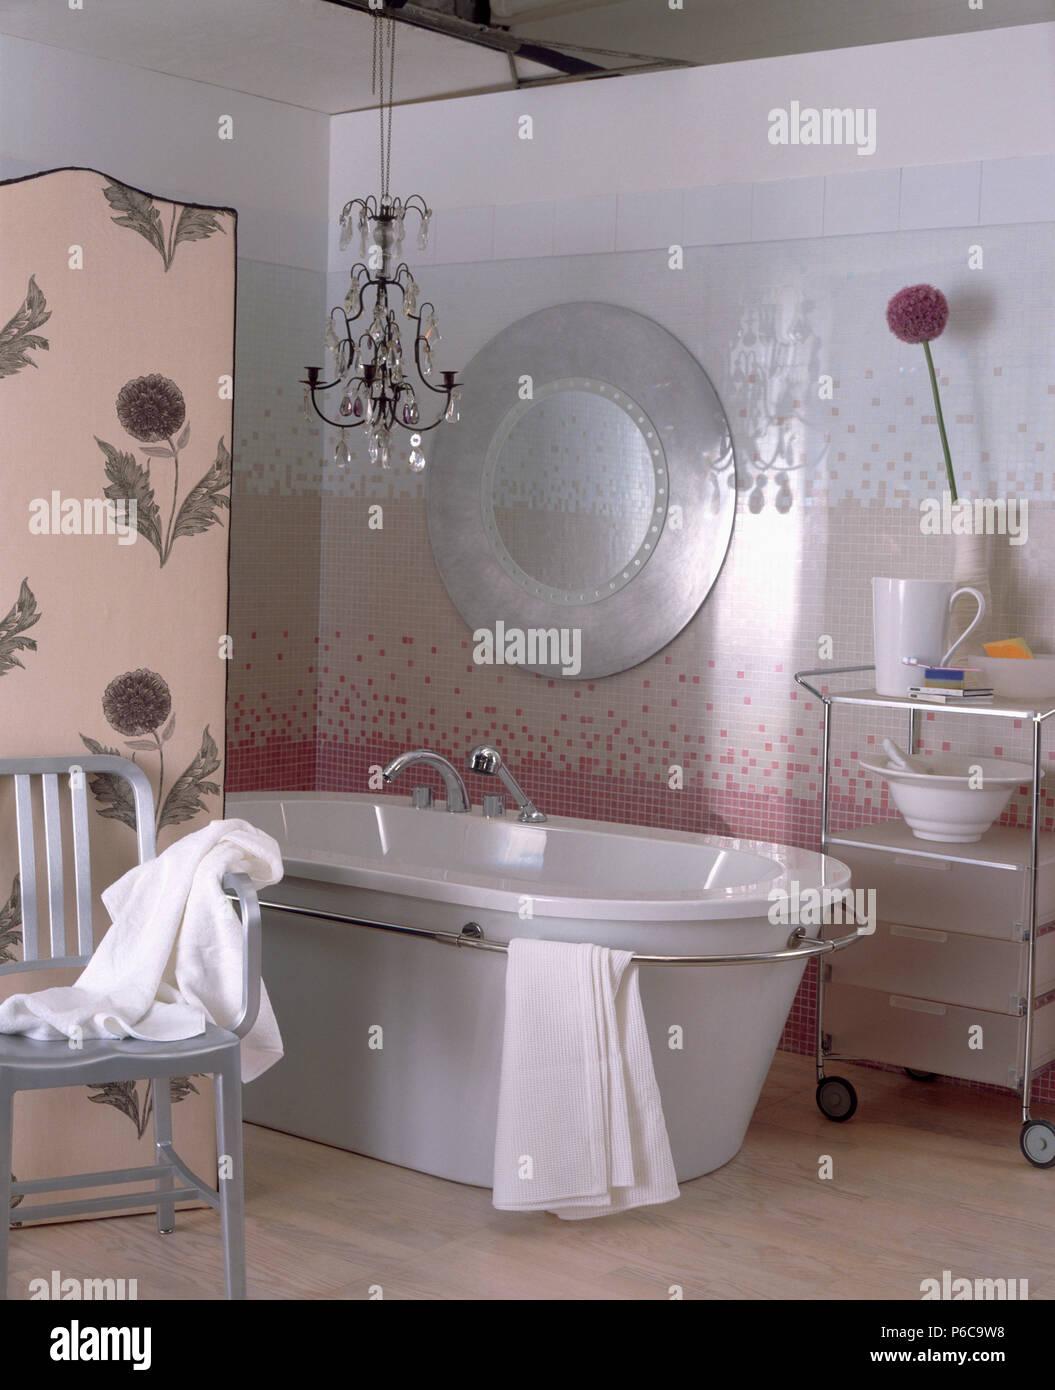 Einfache Kronleuchter und moderne Badewanne im Badezimmer ...